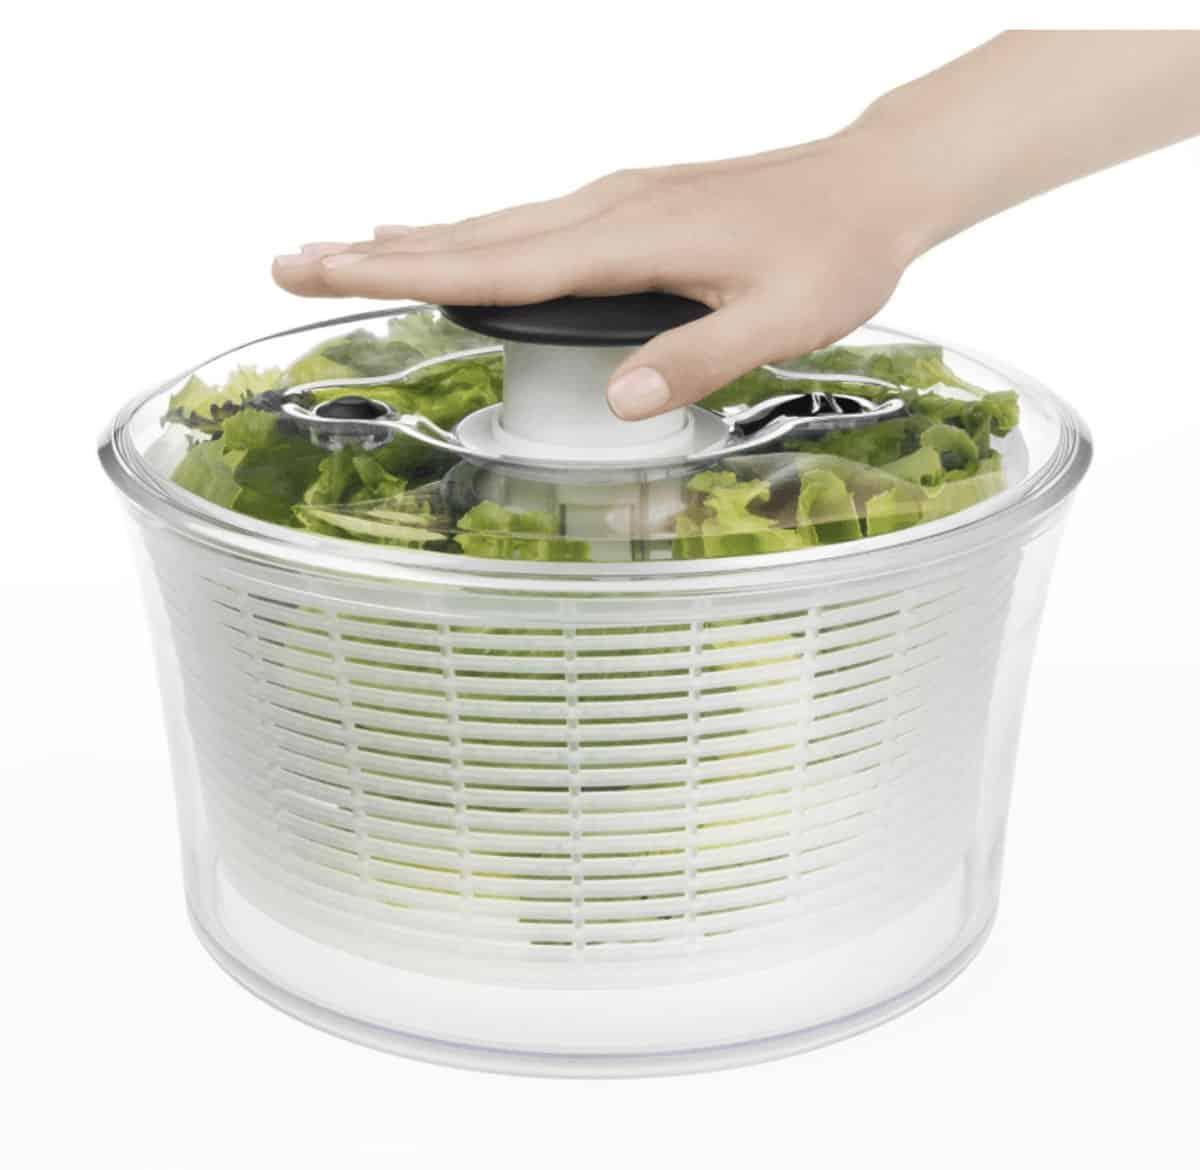 Salad Spinner.